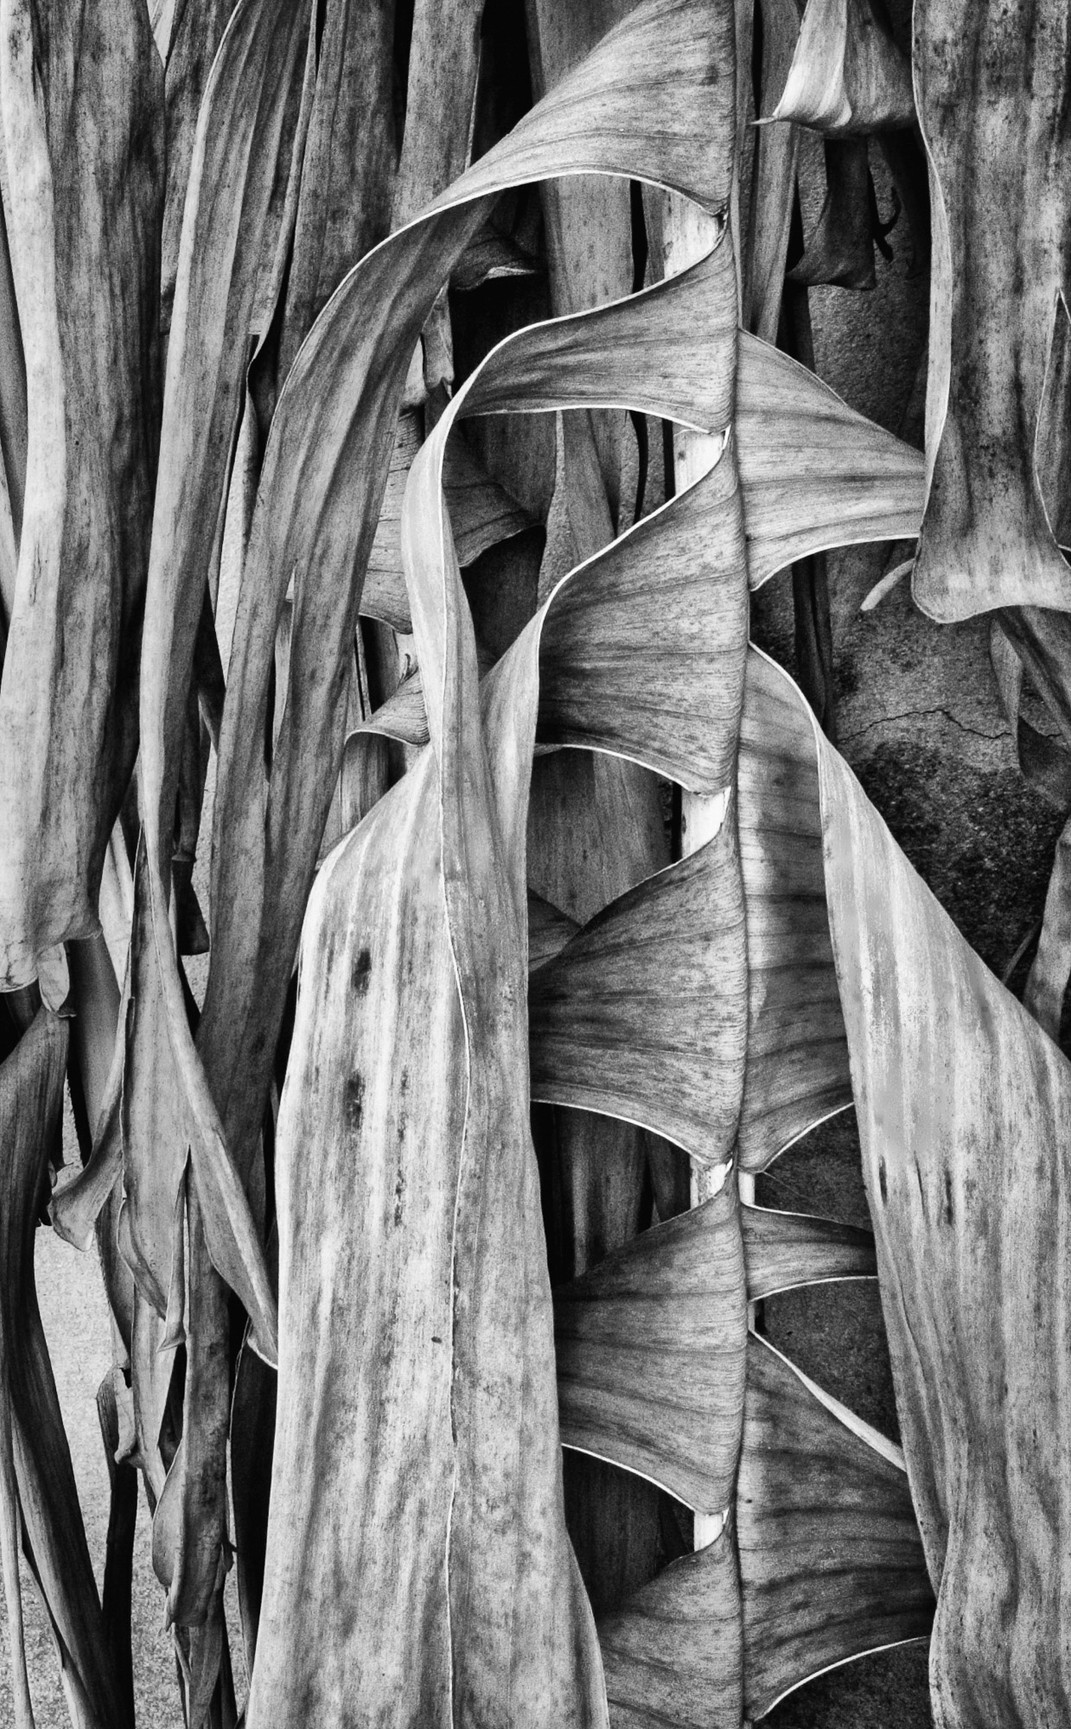 Siddho-Photography-nature-BW-8.jpg